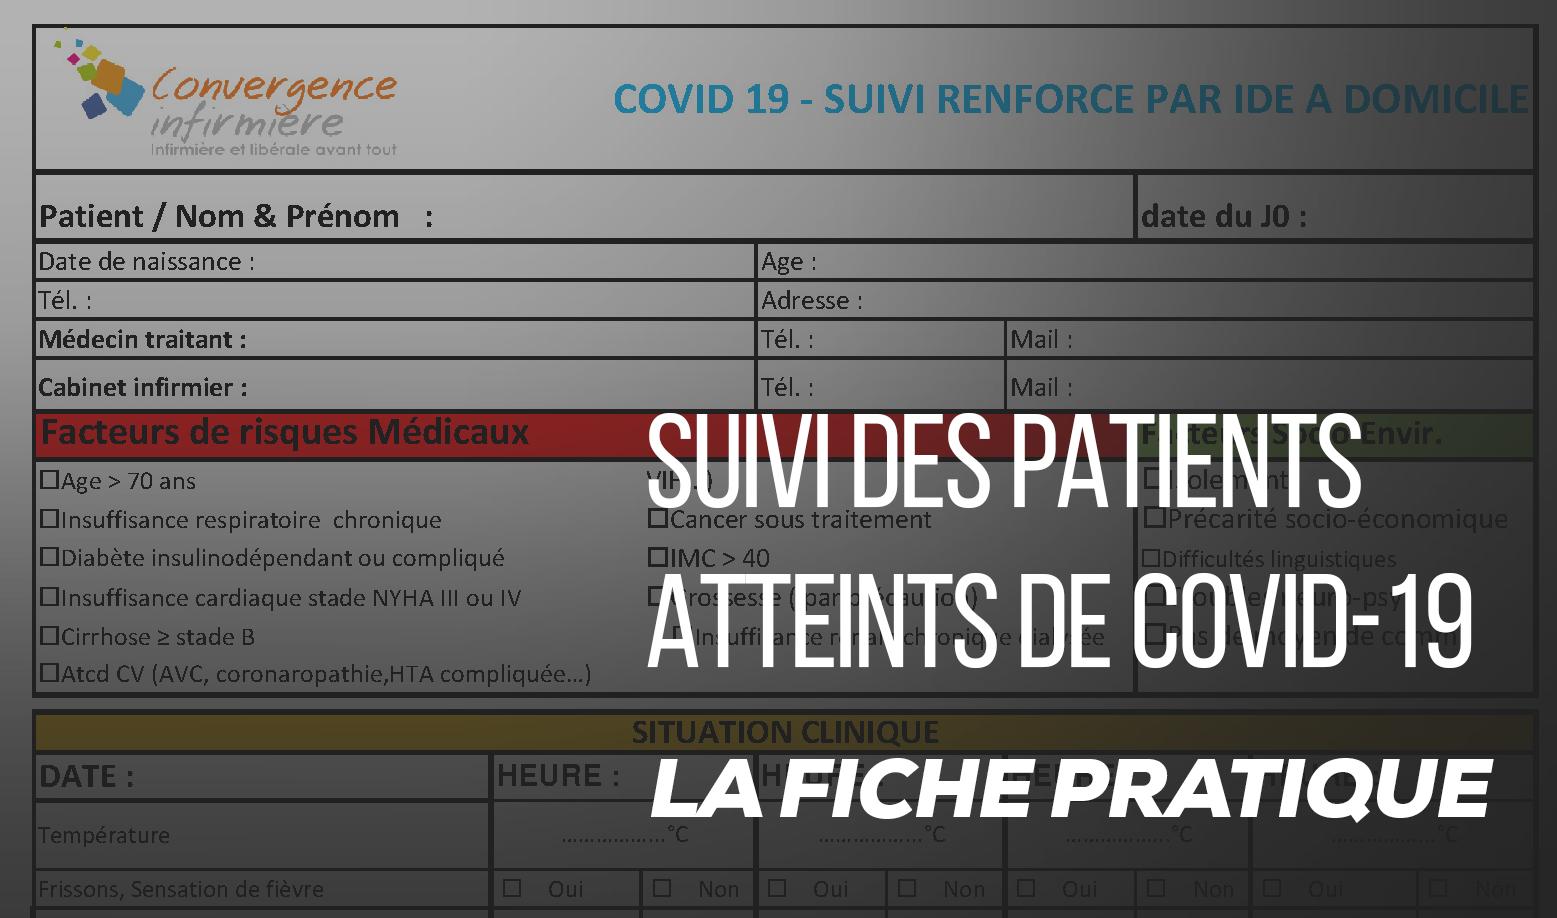 Suivi des patients atteints de covid-19 : la fiche pratique de convergence infirmière